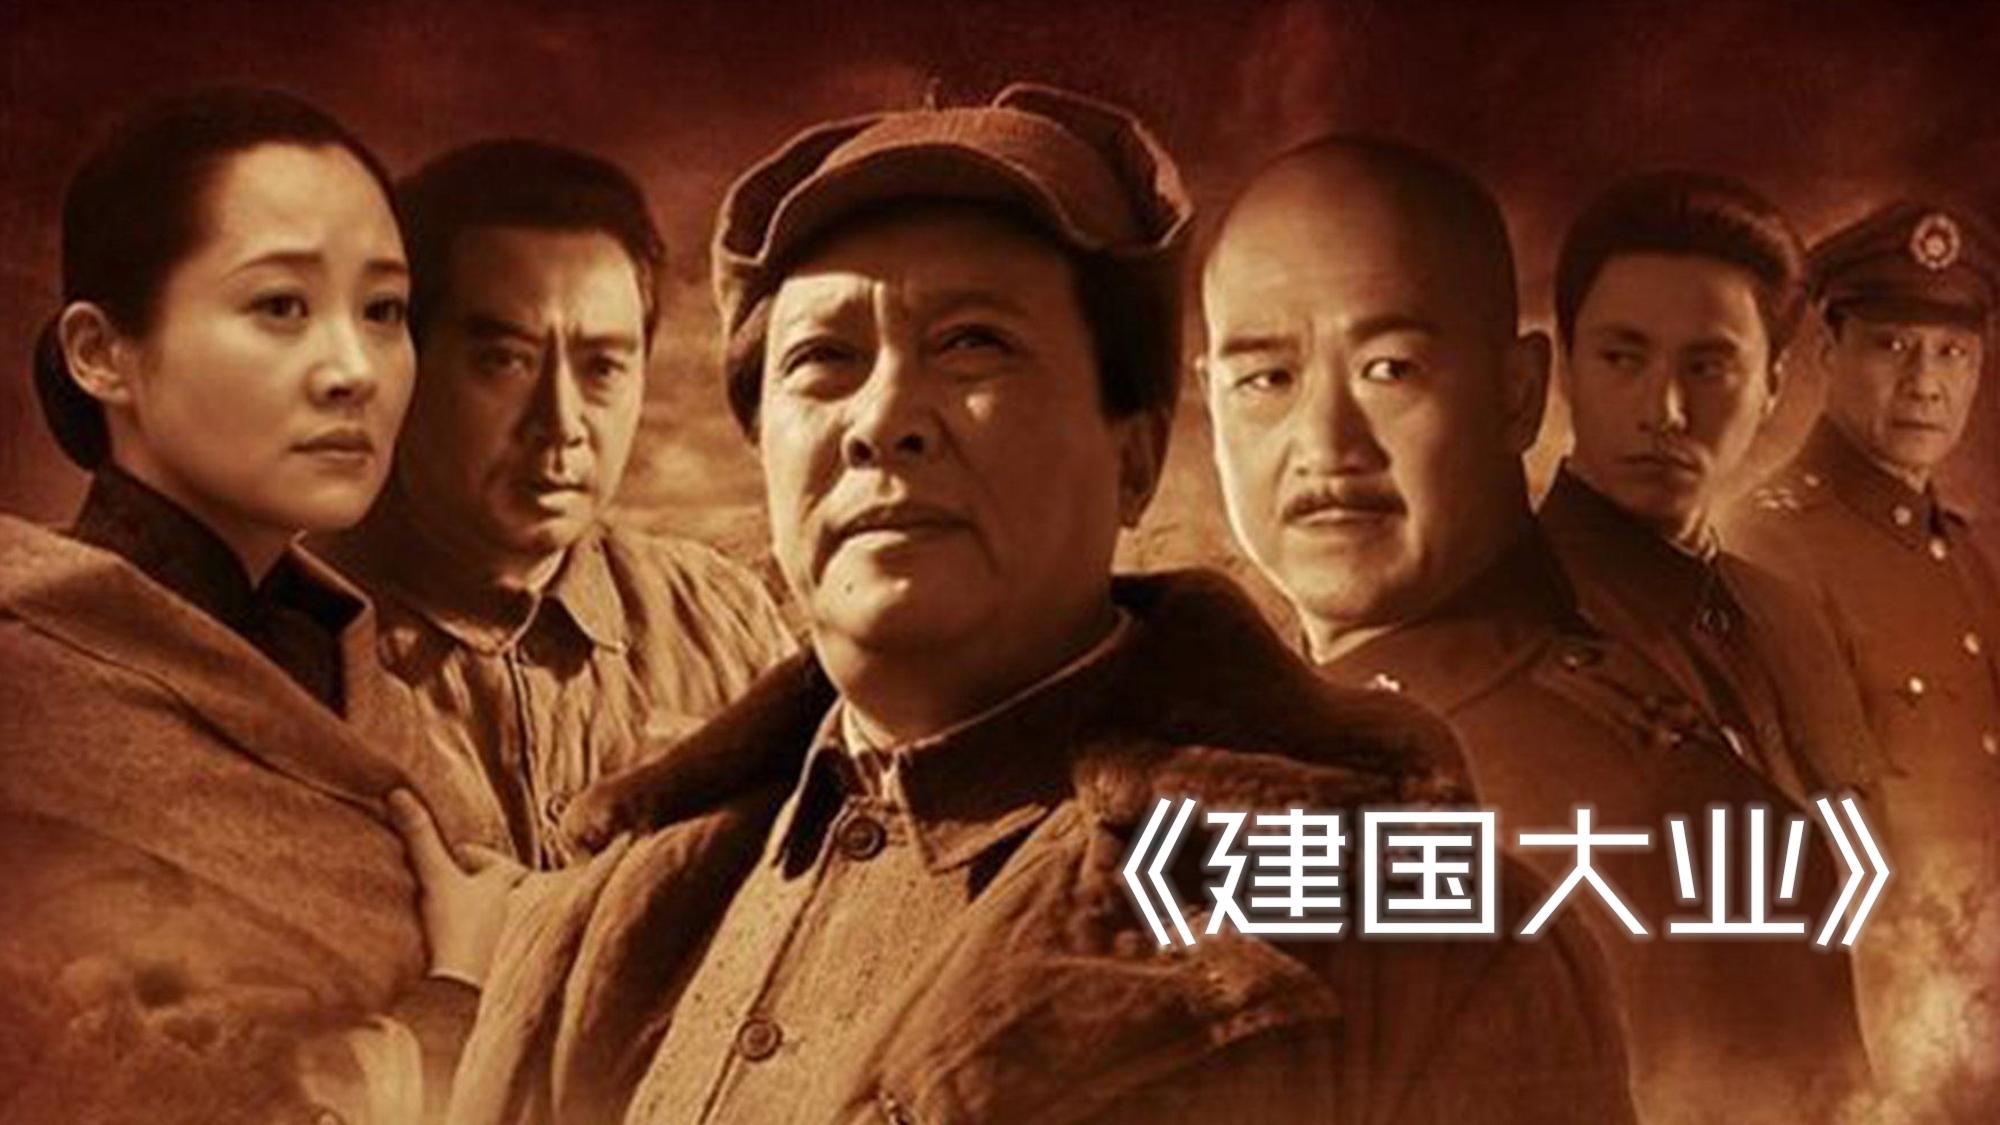 泱泱大国锦绣华夏,山河统一,一段华夏的史诗